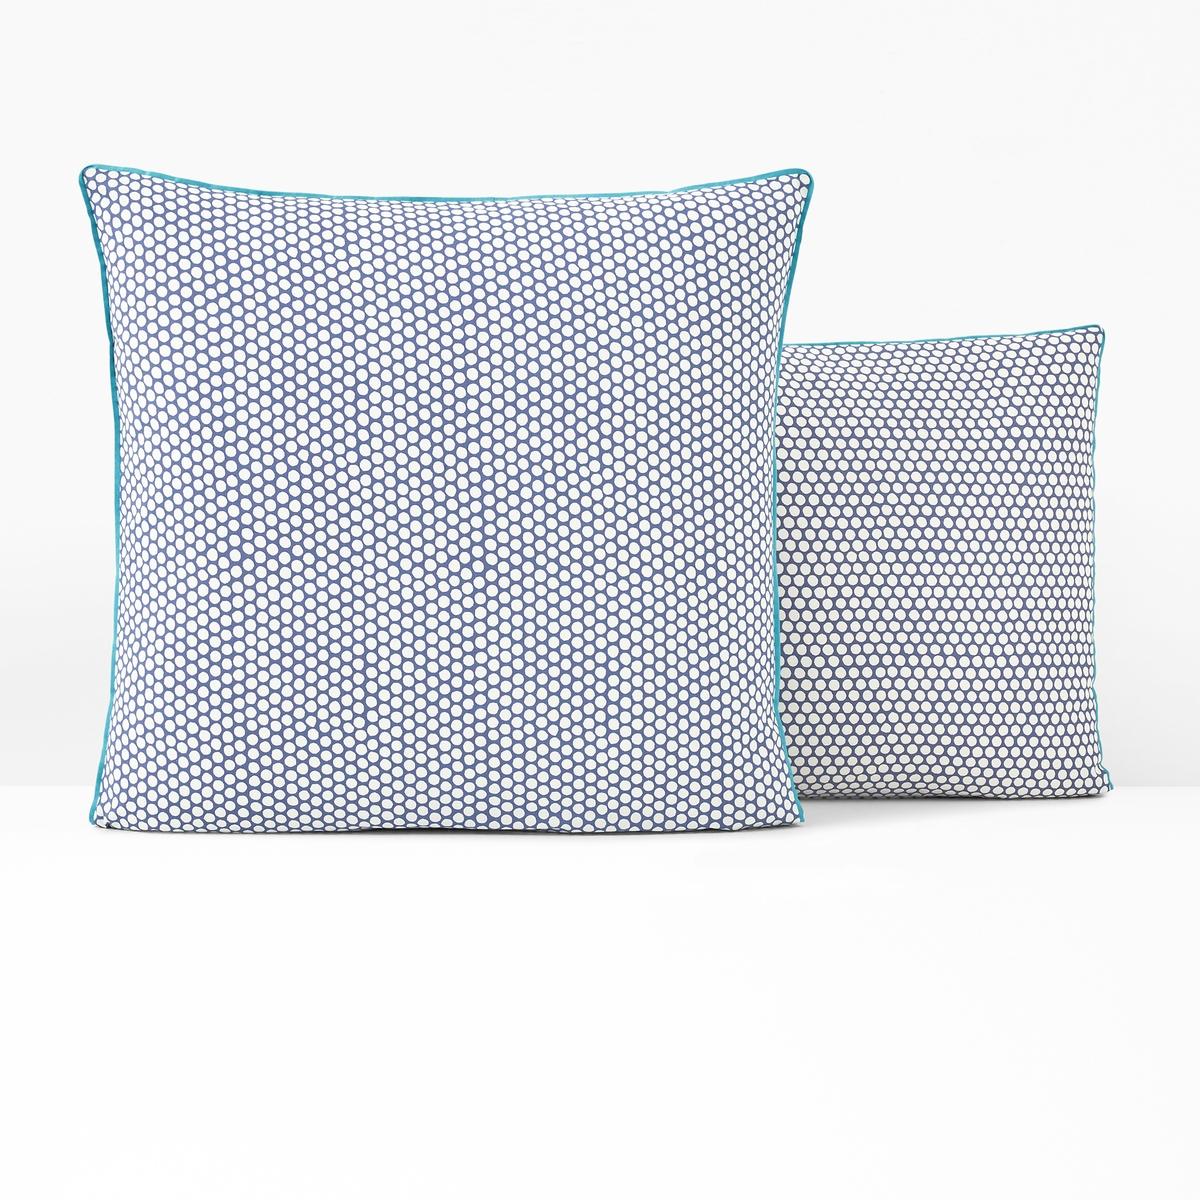 Наволочка LaRedoute На подушку или подушку-валик из перкали DUO 63 x 63 см синий наволочка la redoute из хлопка nayma 63 x 63 см серый